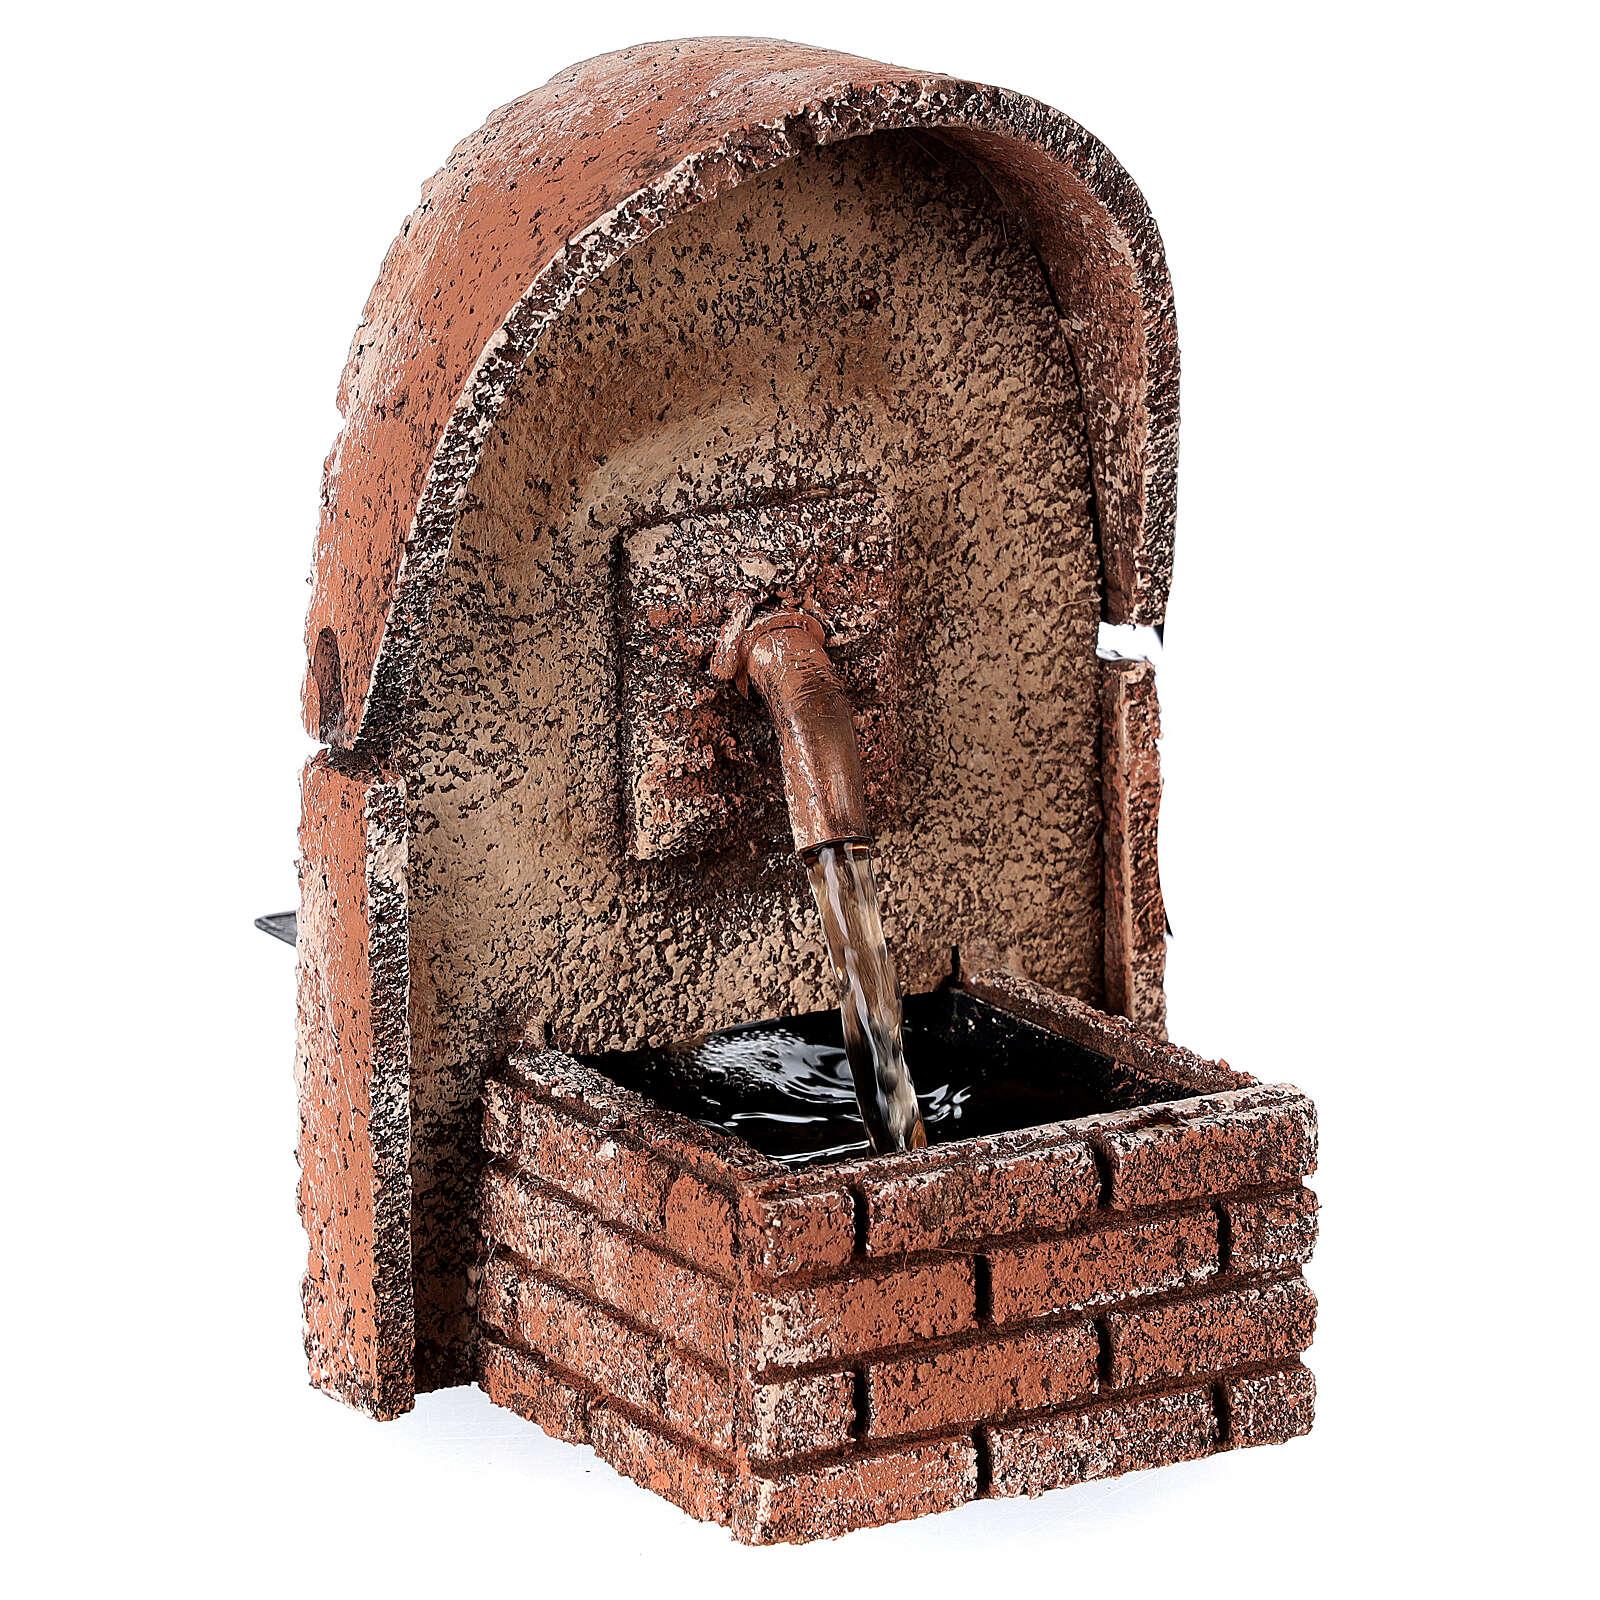 Fontana ad arco tettoia sughero 15x10x10 per statue 8-10 cm 4